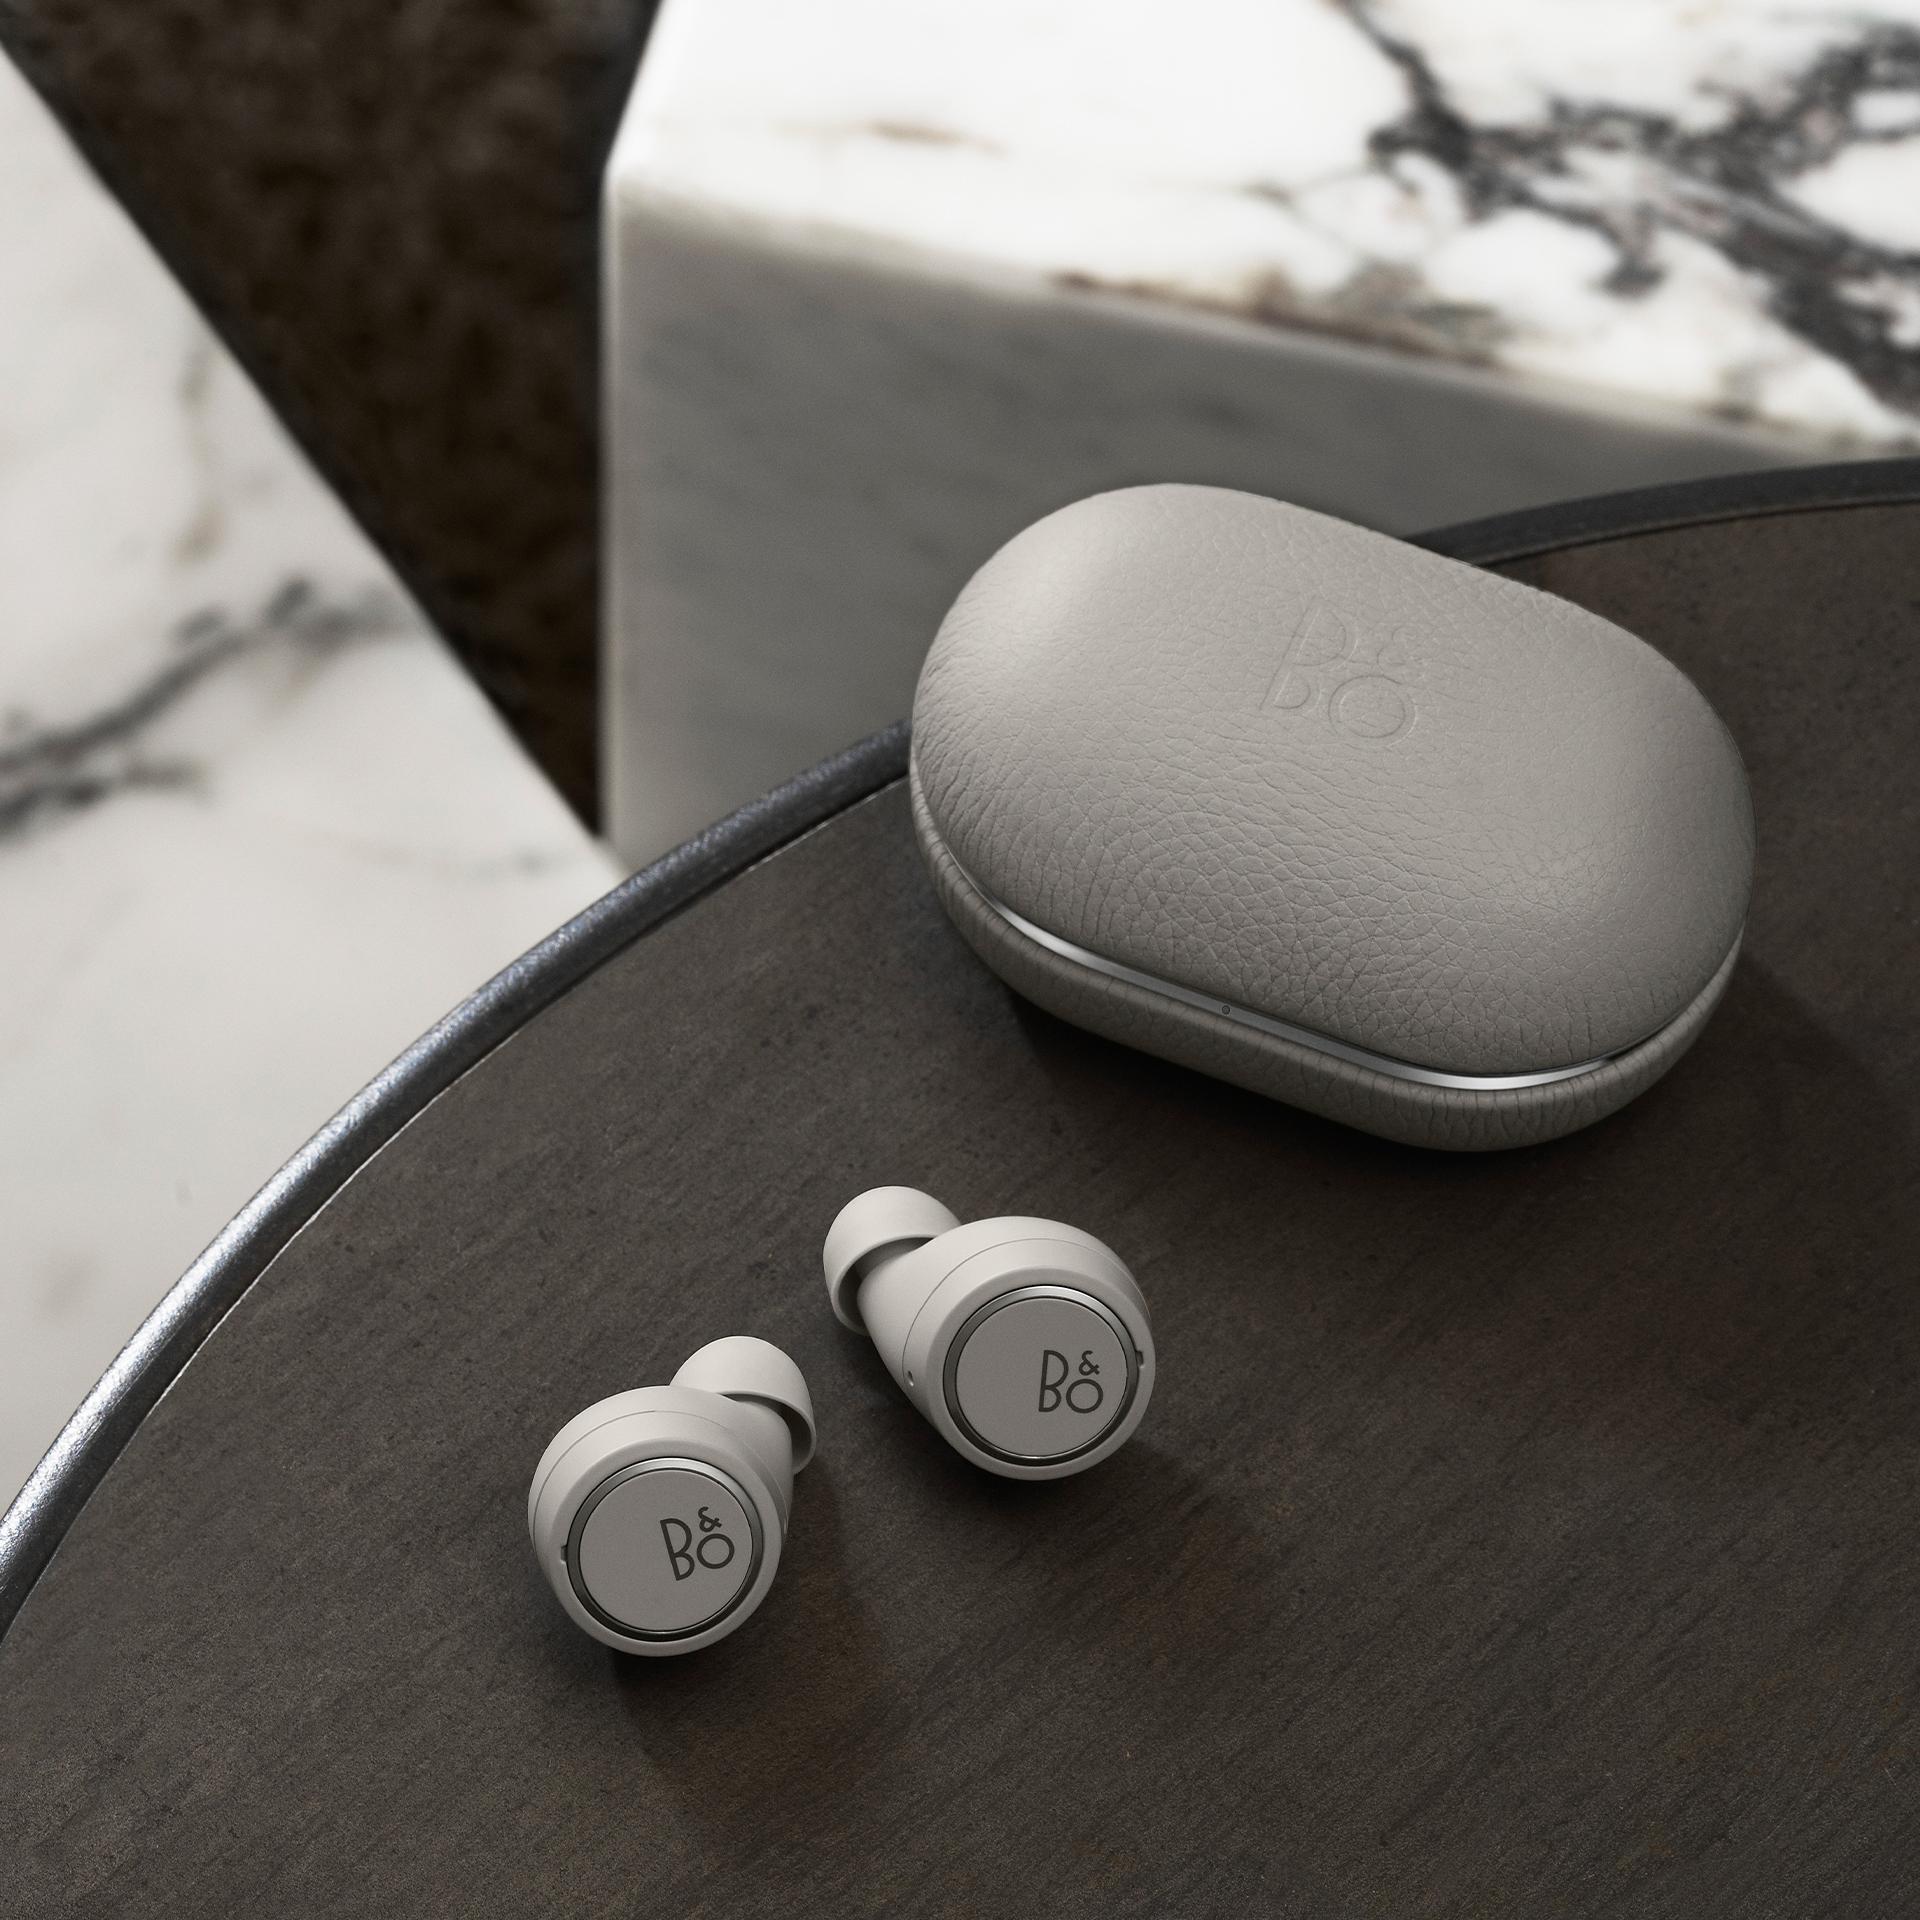 True wireless earbuds Beoplay E8 3rd